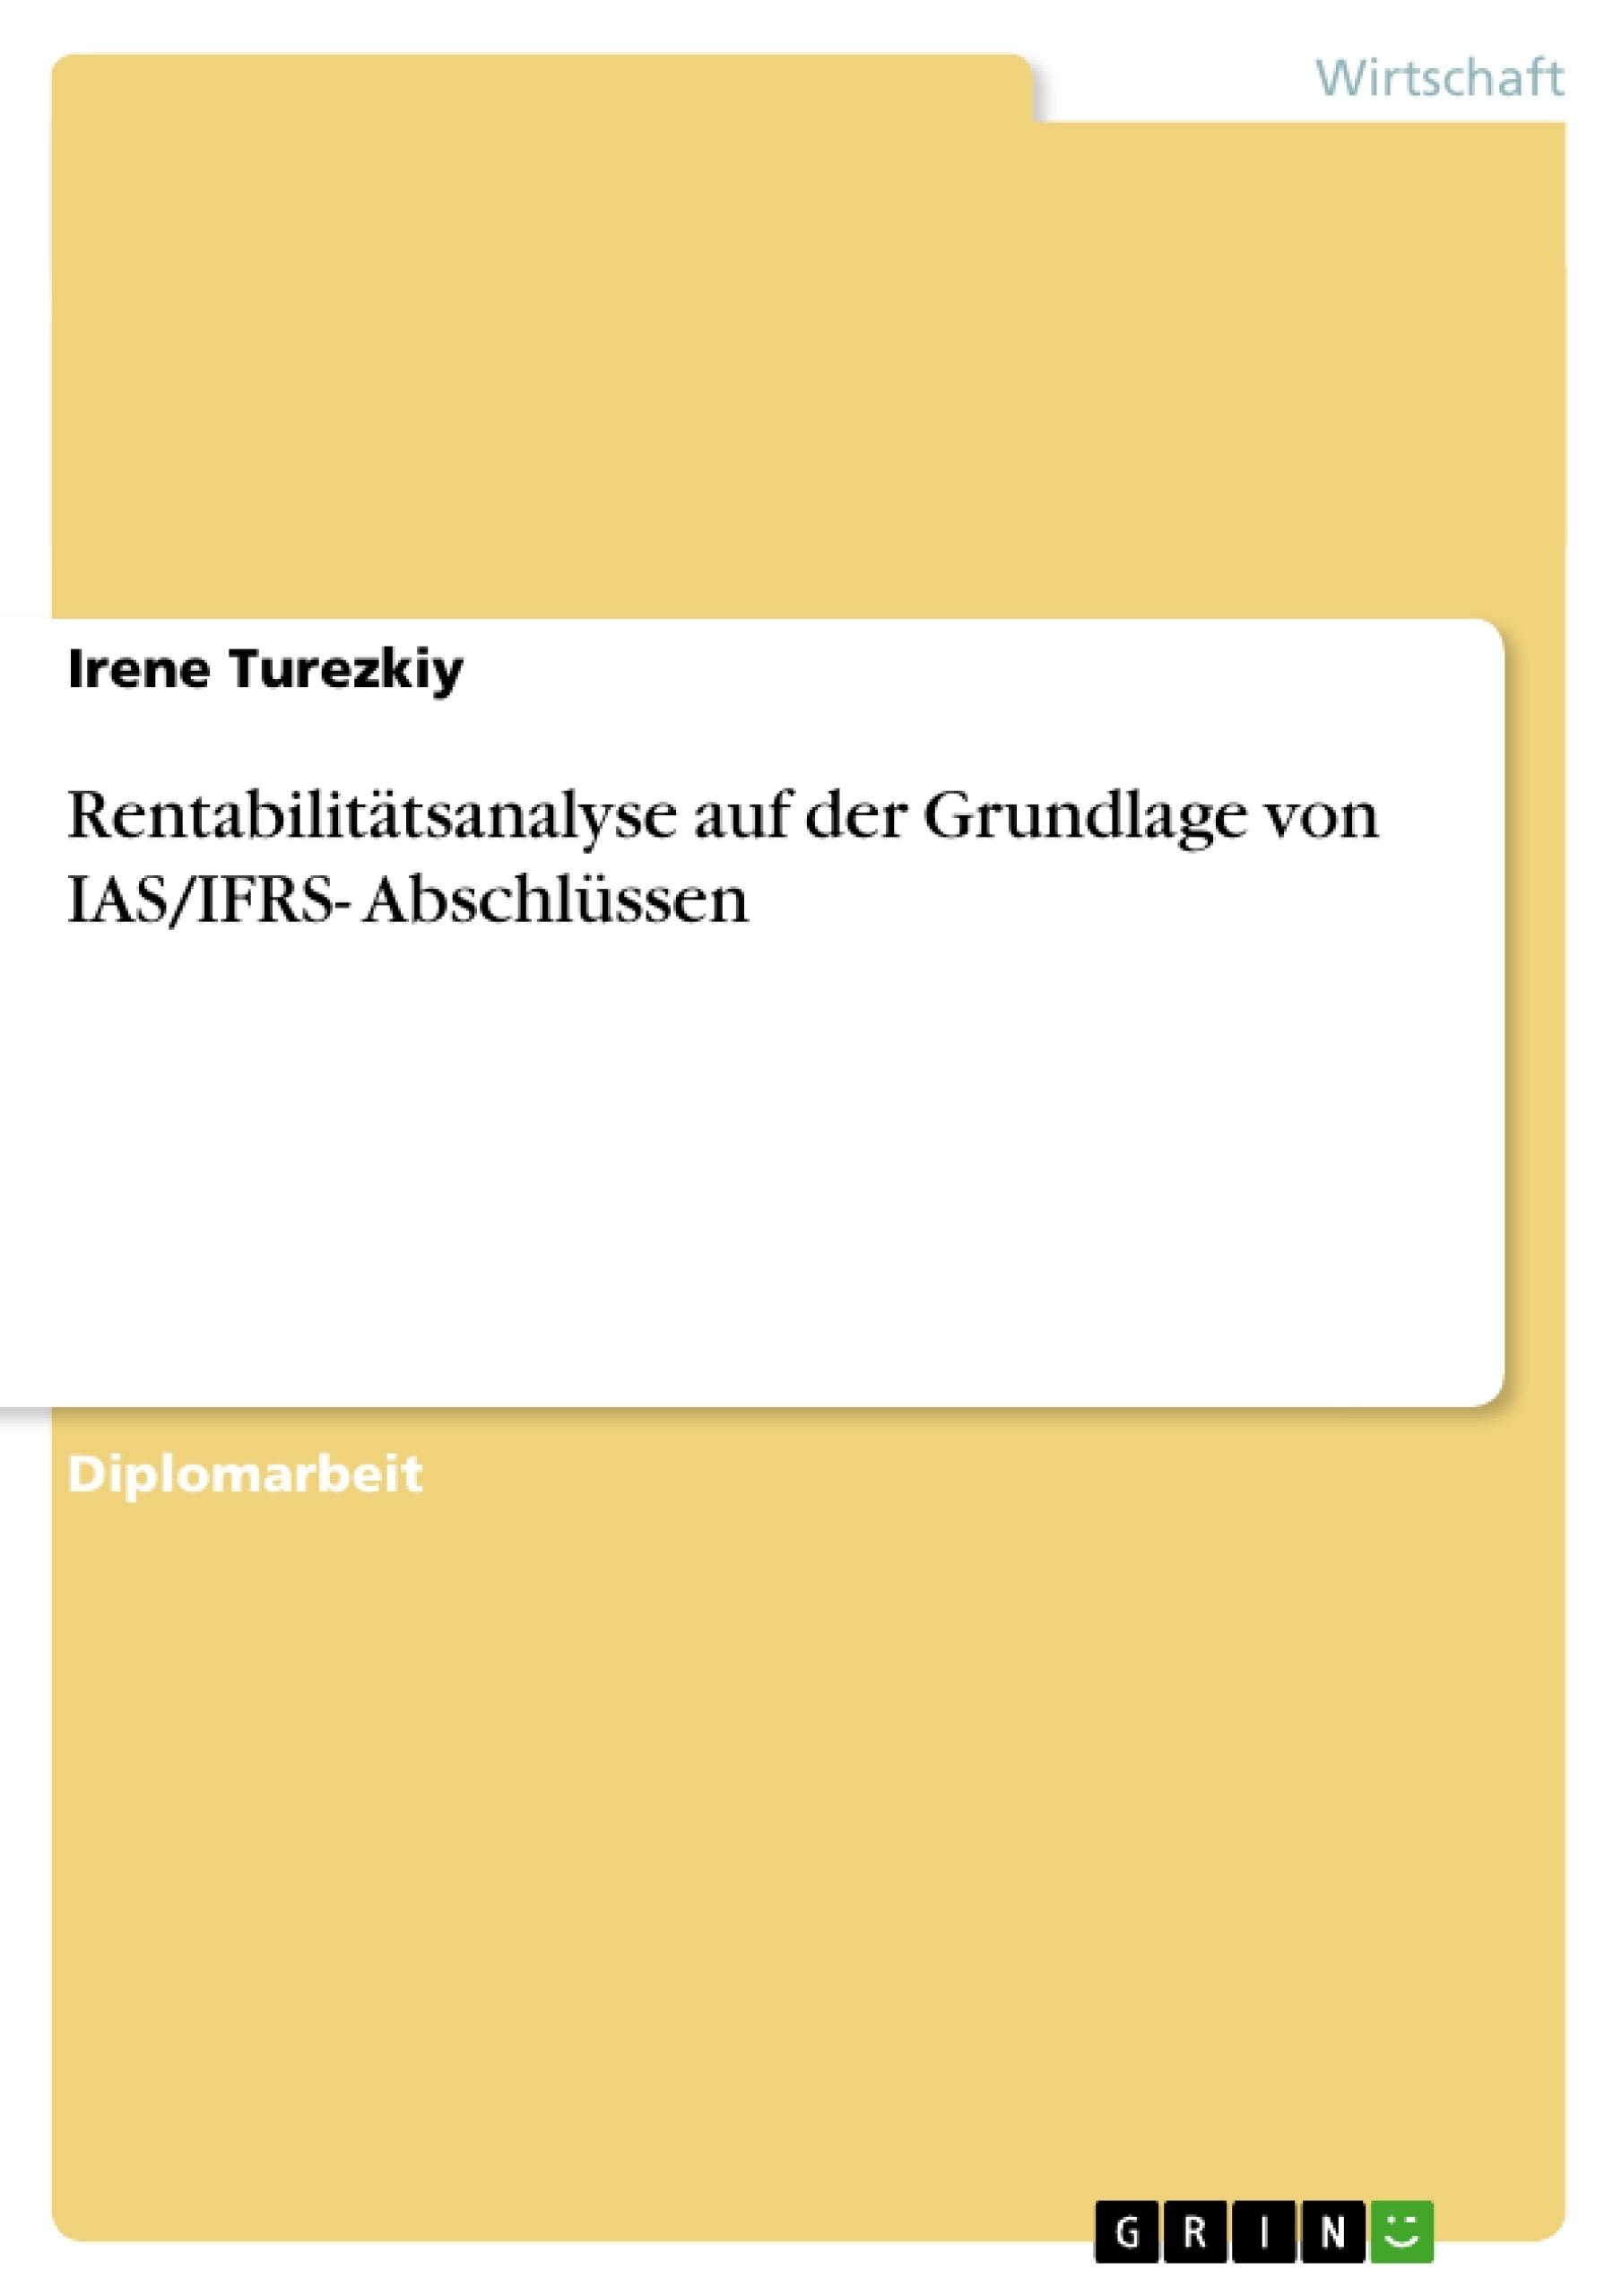 Titel: Rentabilitätsanalyse auf der Grundlage von IAS/IFRS- Abschlüssen